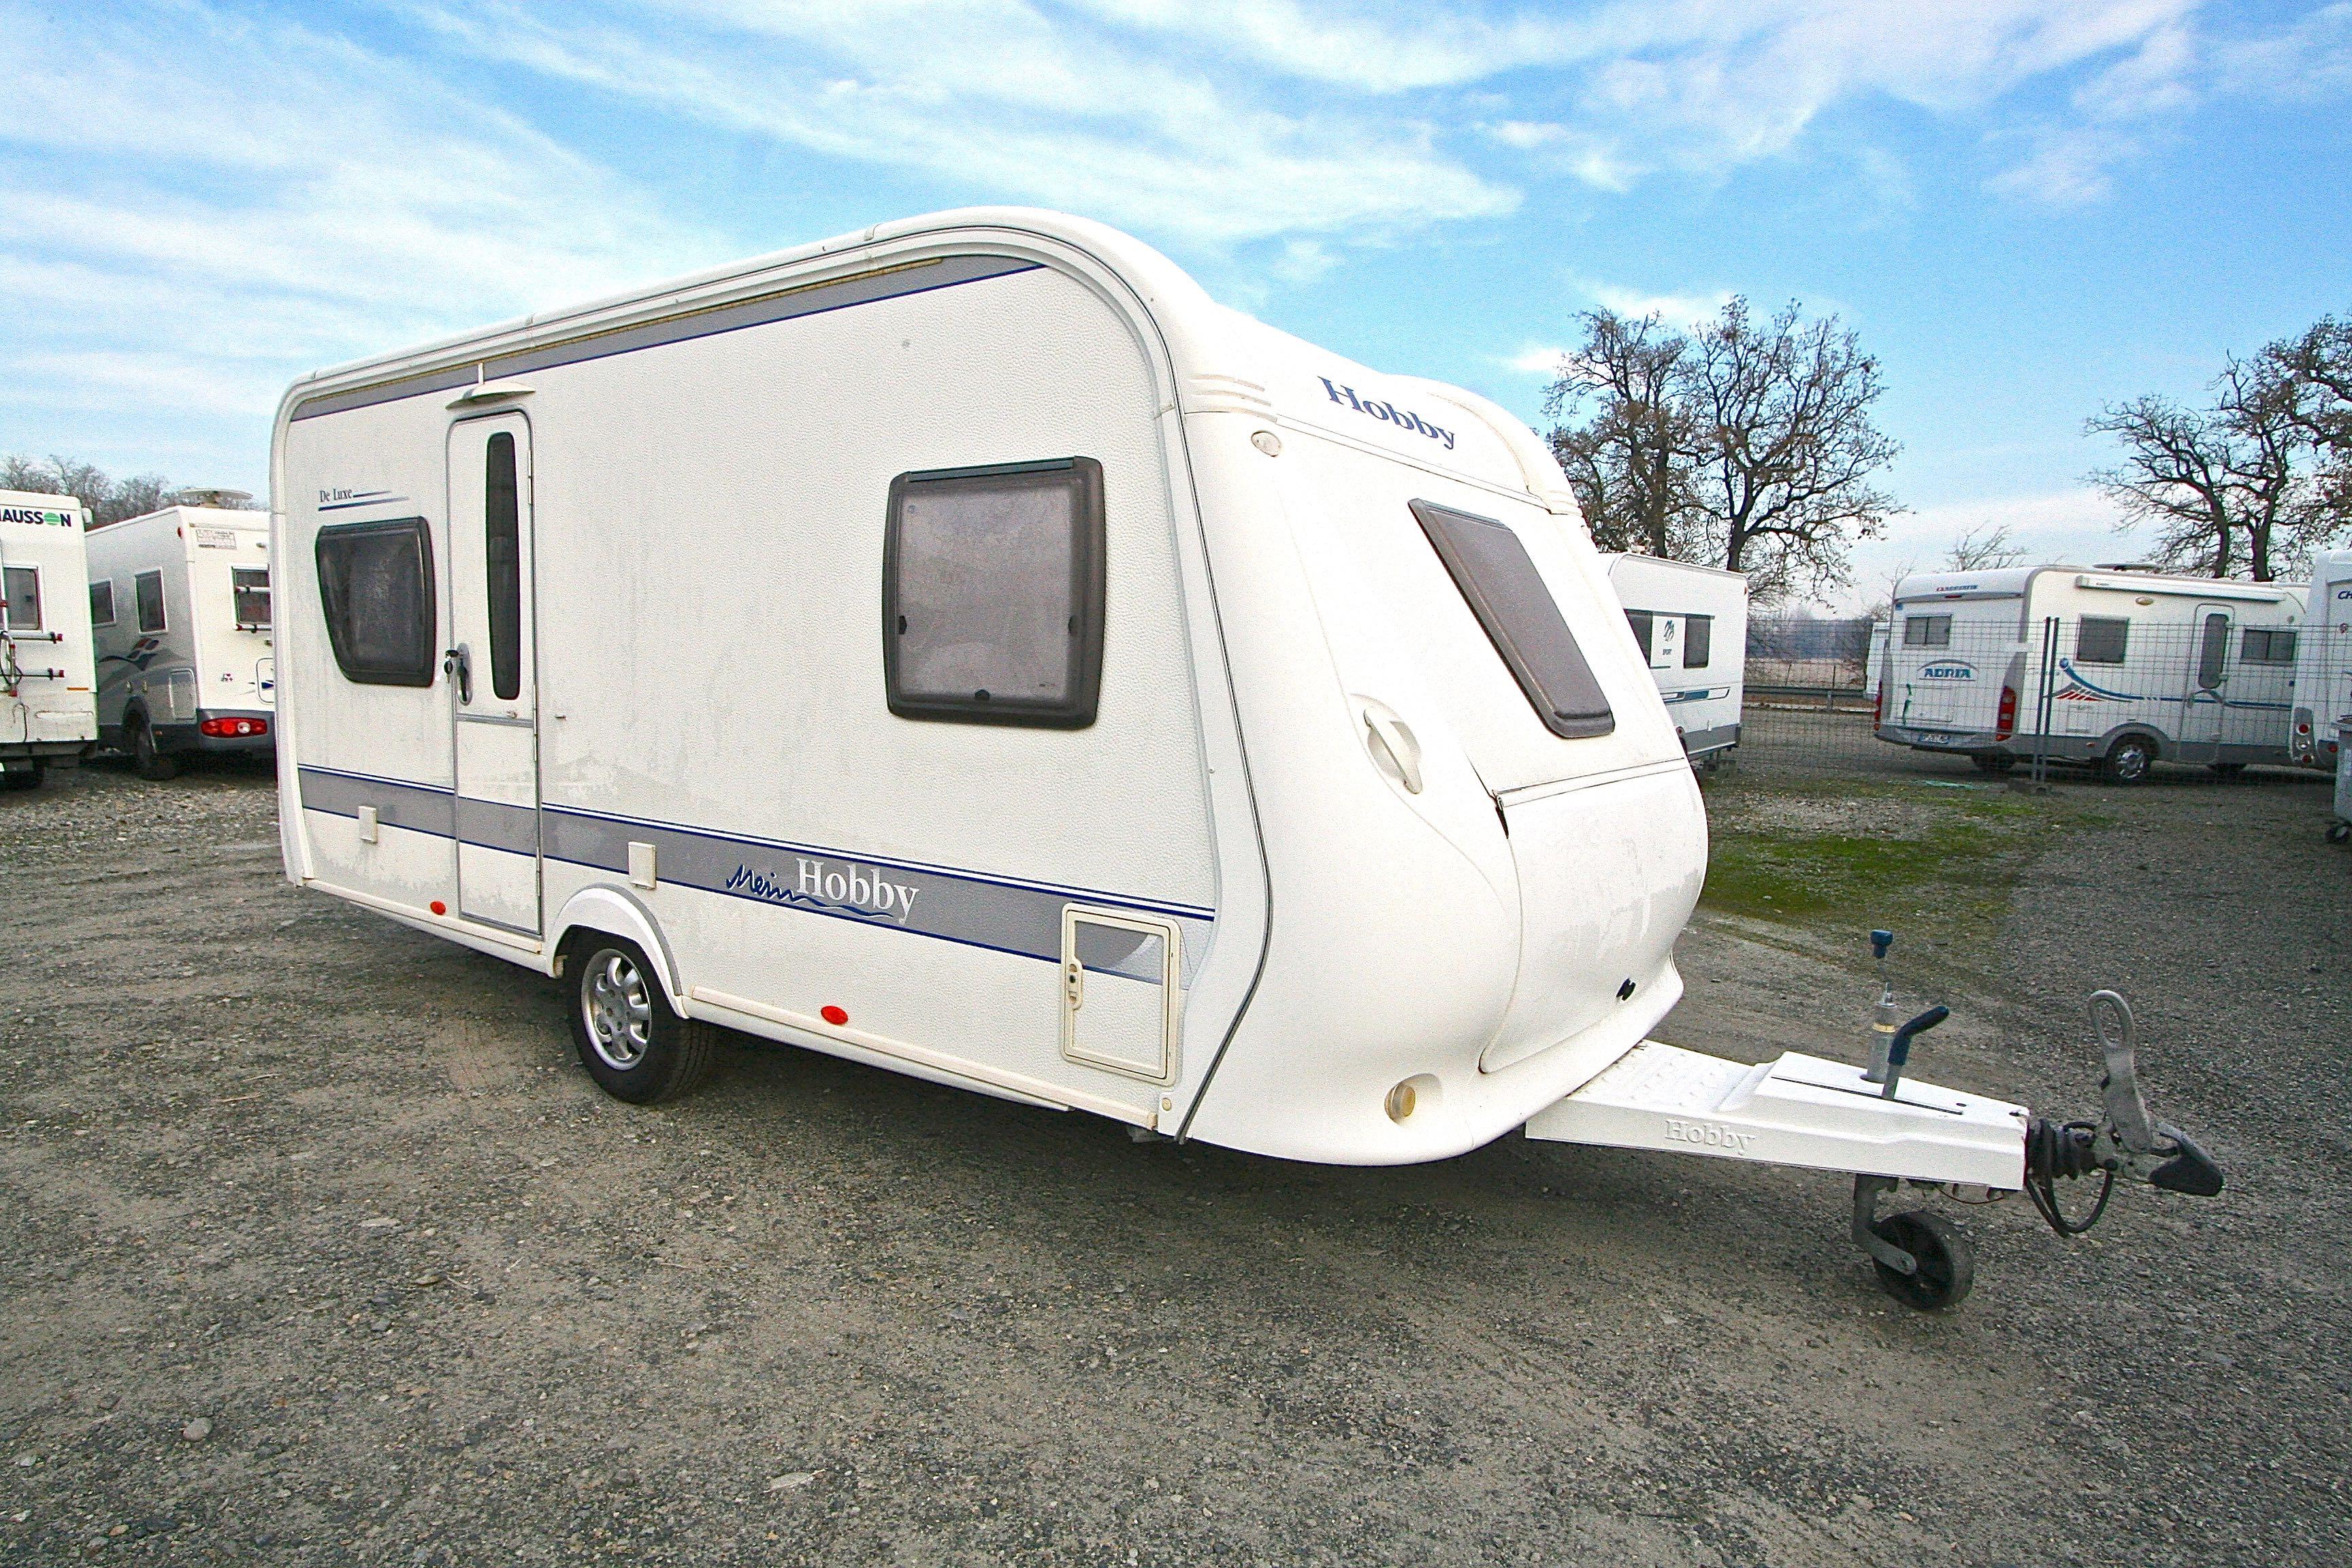 hobby 460 ufe excellent occasion caravane vendre en haute garonne 31 ref 10652 net campers. Black Bedroom Furniture Sets. Home Design Ideas